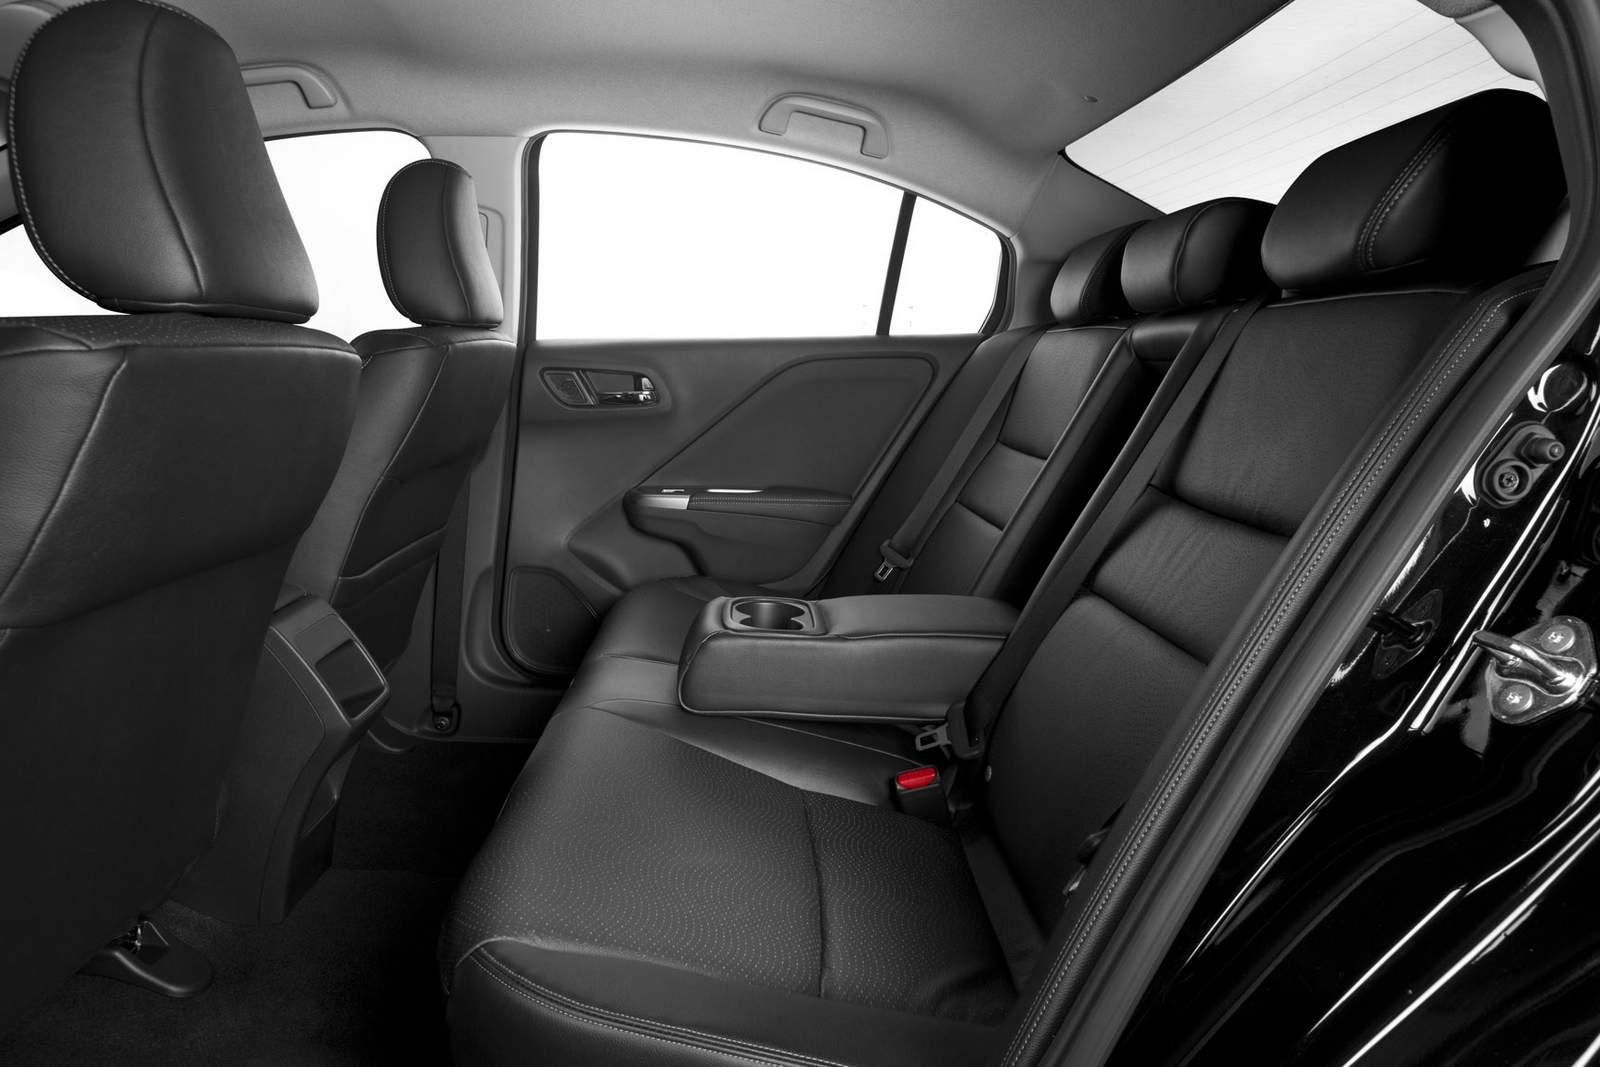 Novo Honda City 2015 - interior